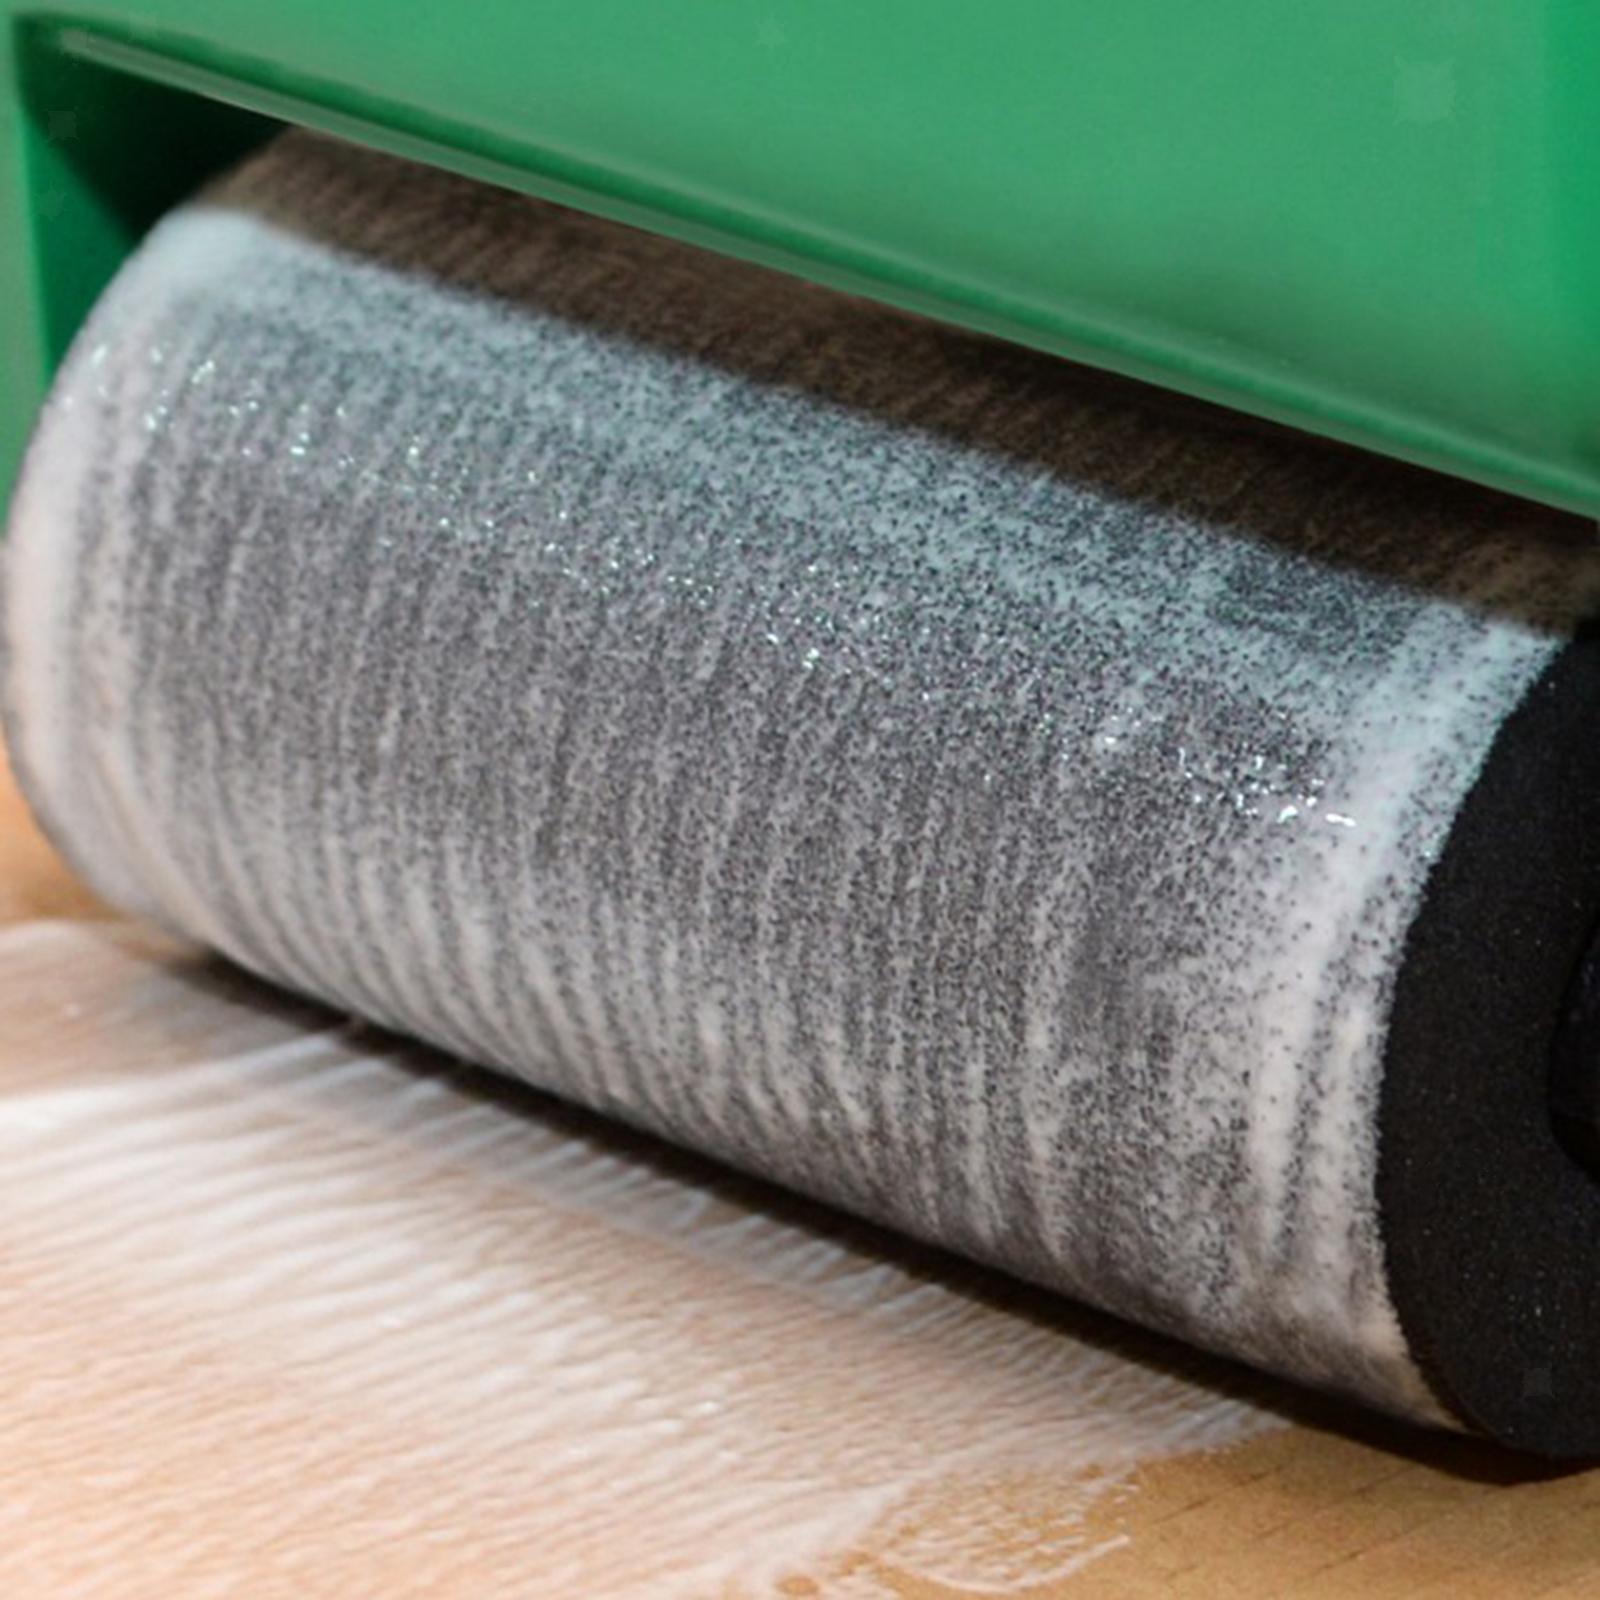 miniatura 19 - 180mL/320mL Portatile Colla Applicatore Rullo Professionale Rivestito Colla